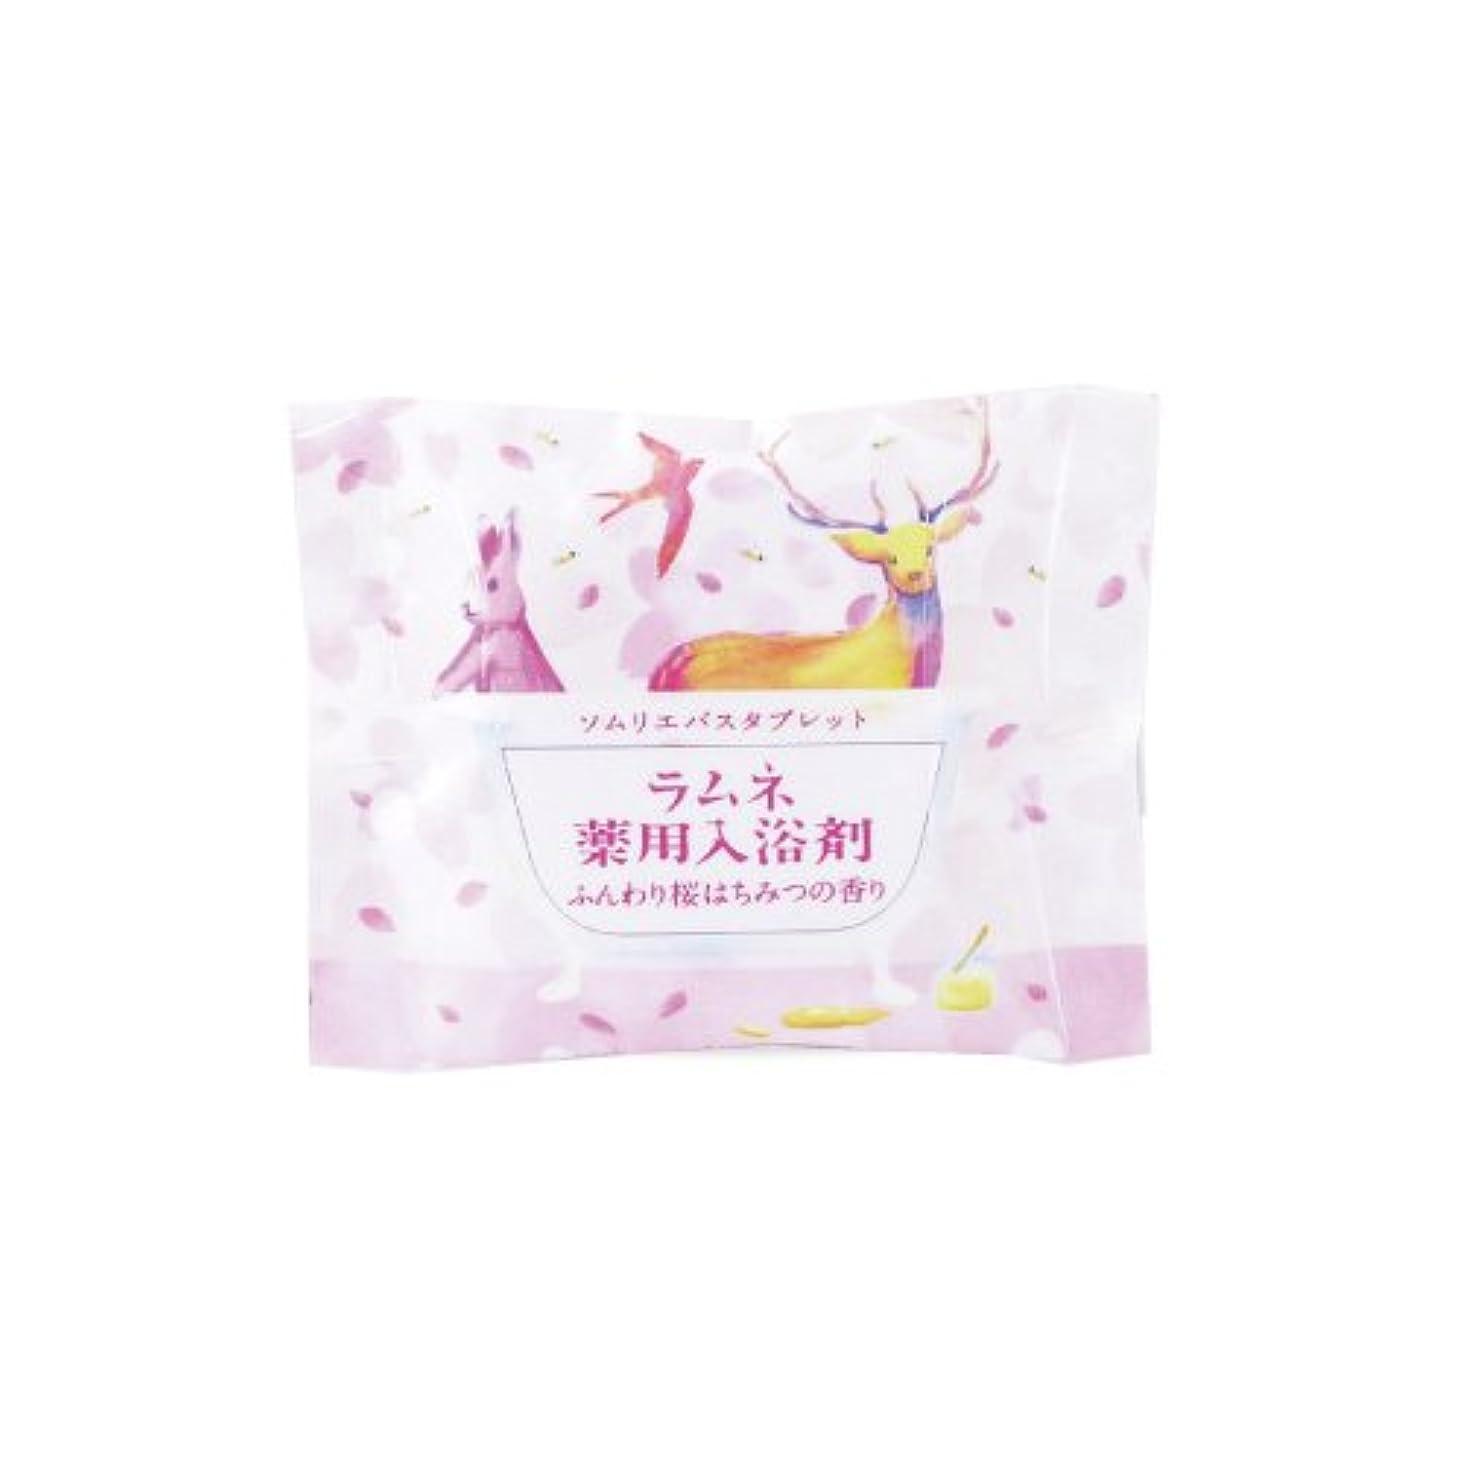 最も早いダメージフェローシップチャーリー ソムリエバスタブレット ふんわり桜はちみつの香り